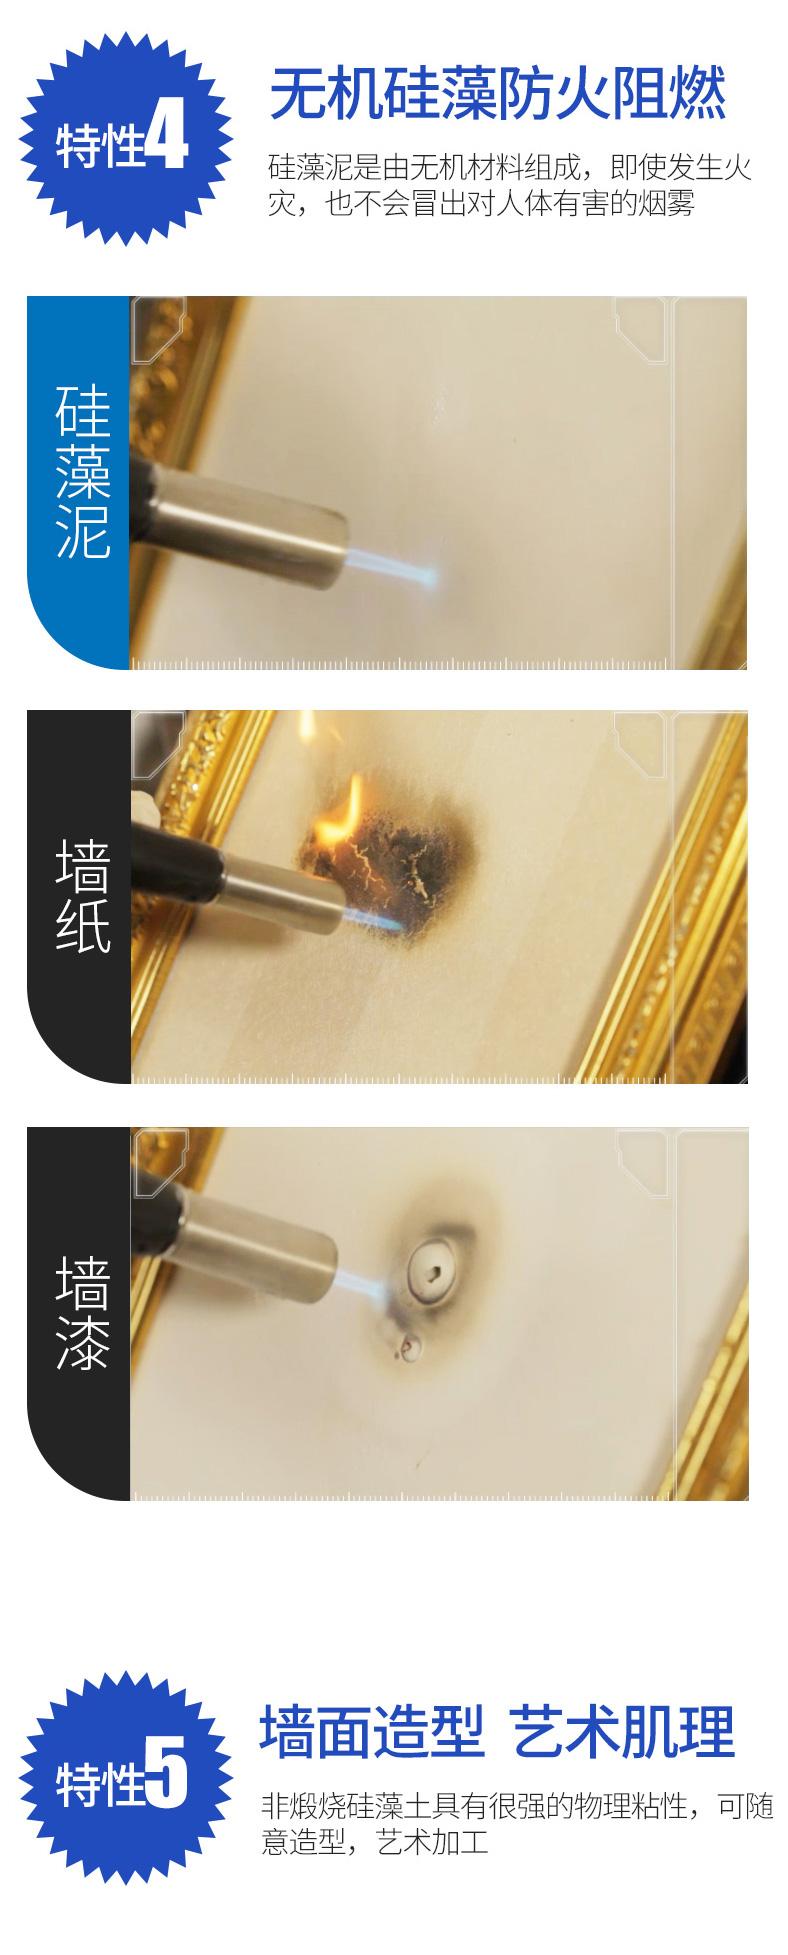 蓝天豚-干粉硅藻泥细沙6#料_04.jpg